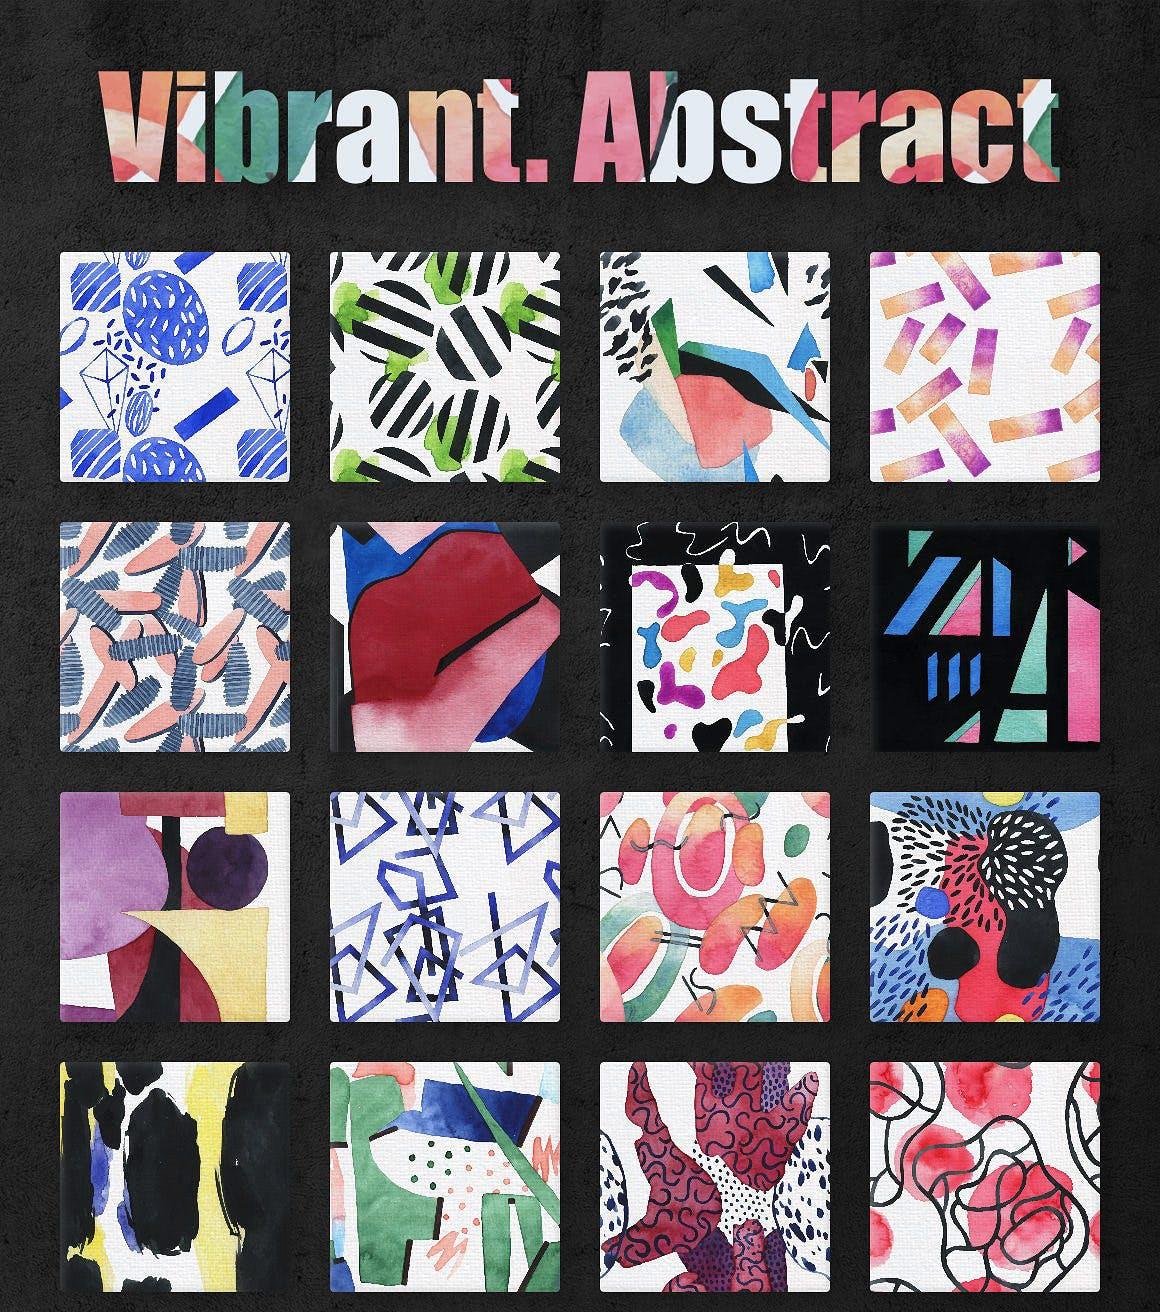 几何纹理水彩装饰图案纹理下载Vibrant Watercolor Patterns插图